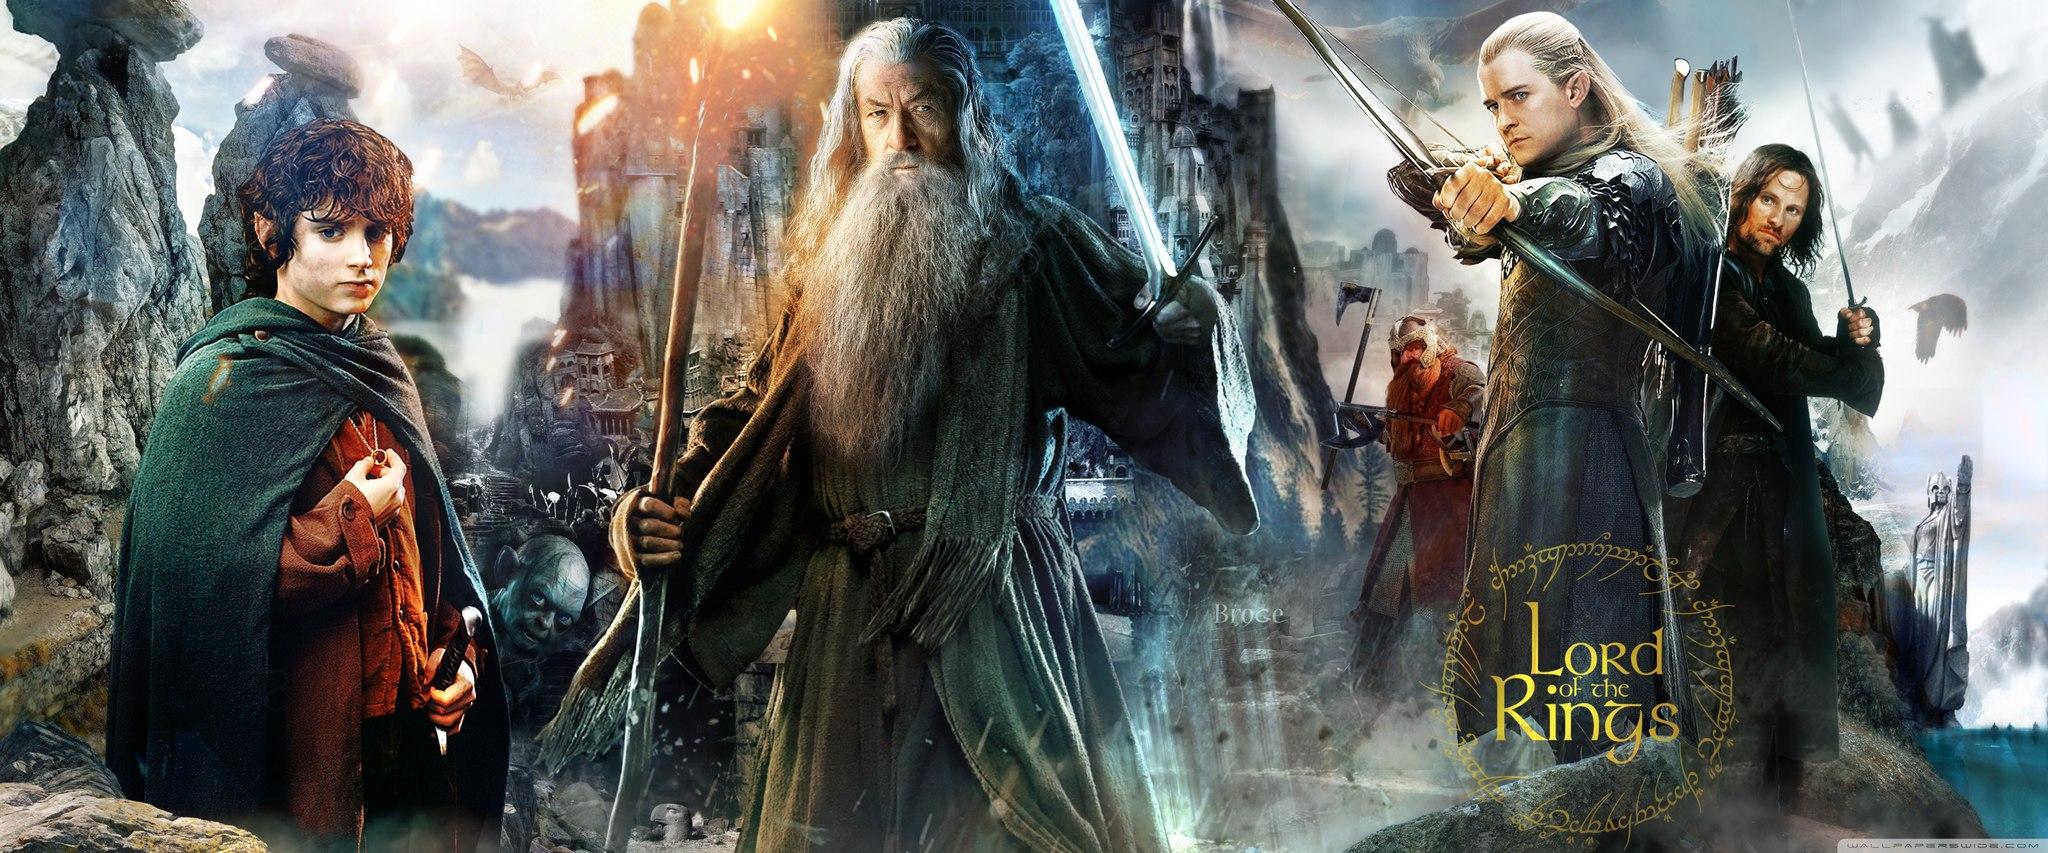 Amazon confirma segunda temporada de The Lord of the Rings